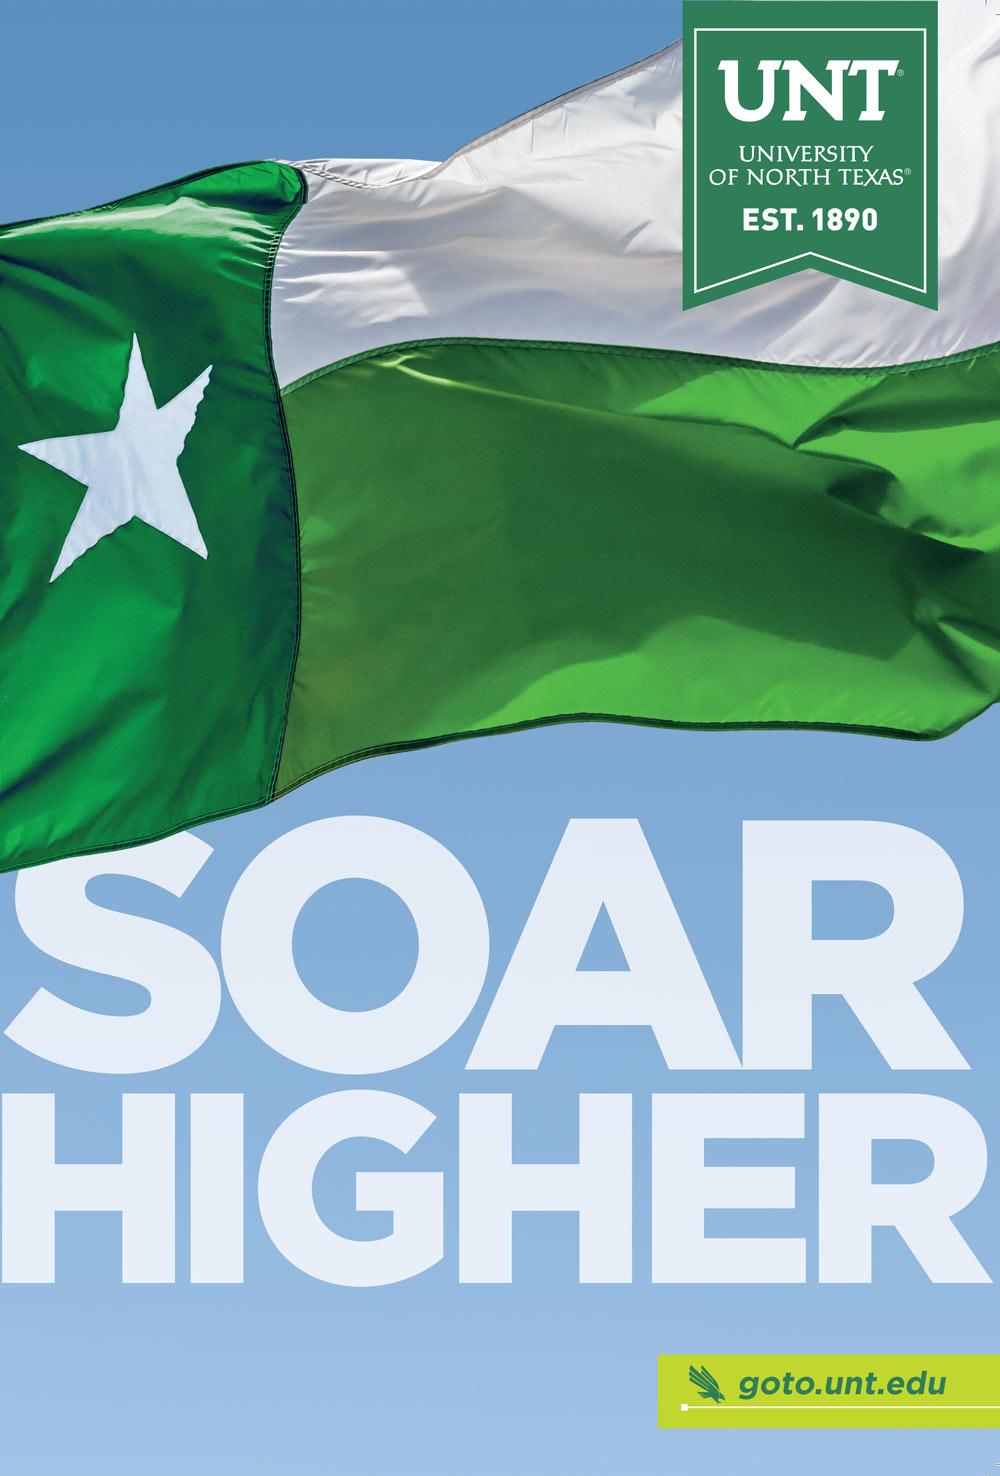 Soar Higher Viewbook cover